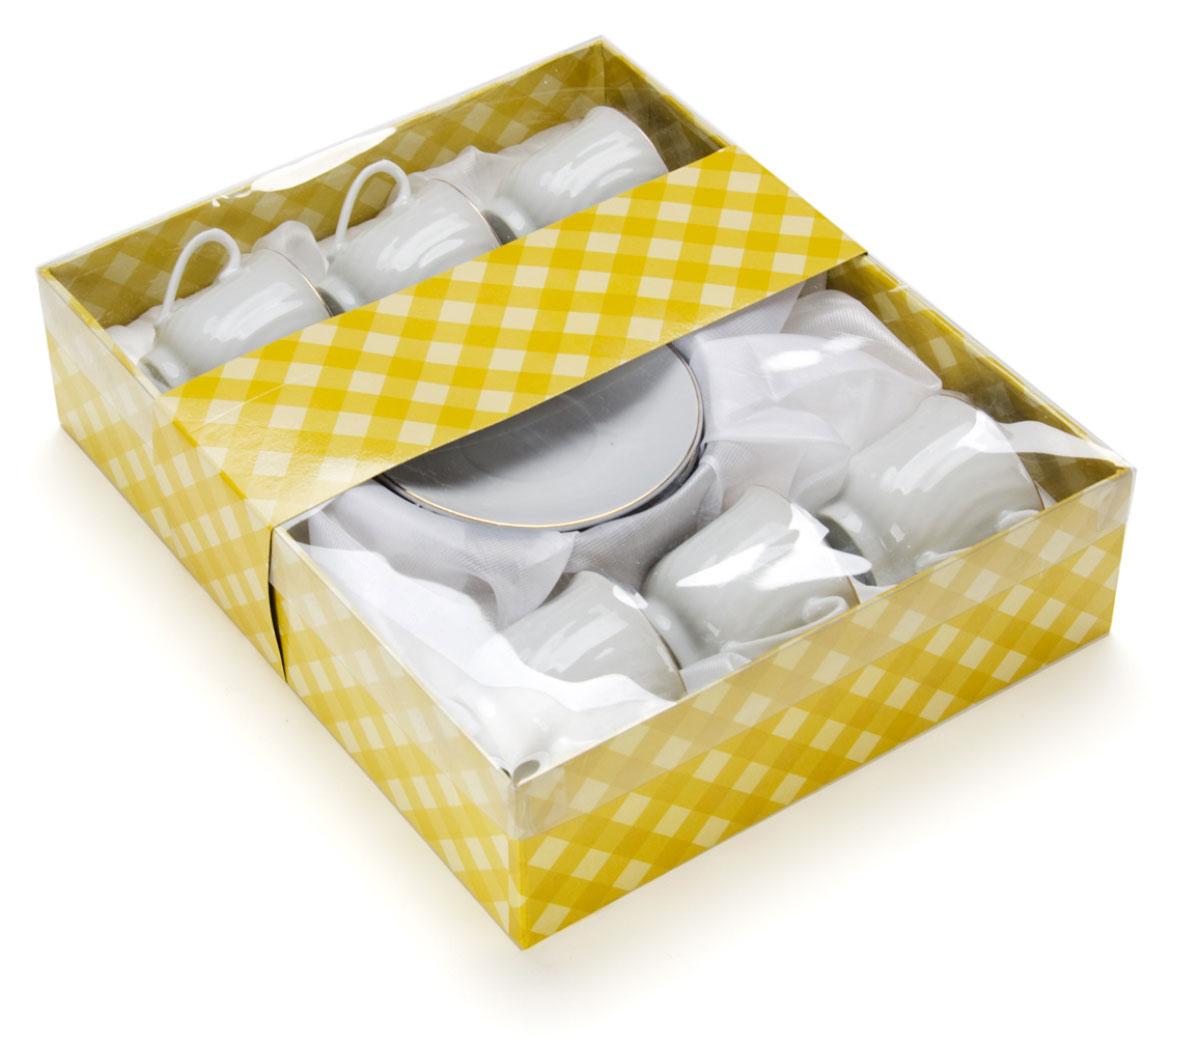 Набор кофейный Loraine, 12 предметов. 25610VT-1520(SR)Набор отличается своим изысканным дизайном, прочностью и функциональностью. Несмотря на свою внешнюю хрупкость, каждый из предметов набор облает высокой прочностью и надежностью. Аккуратные чашечки и блюдца выполнены из высококачественной керамики - материала безопасного для здоровья и надолго сохраняющего тепло напитка. Элегантный, классический дизайн с золотым декором делают этот кофейный набор прекрасным украшением любого стола.Объем чашки: 90 мл.Диаметр чашки: 6 см.Высота чашки: 5,5 см.Диаметр блюдца: 10,5 см.